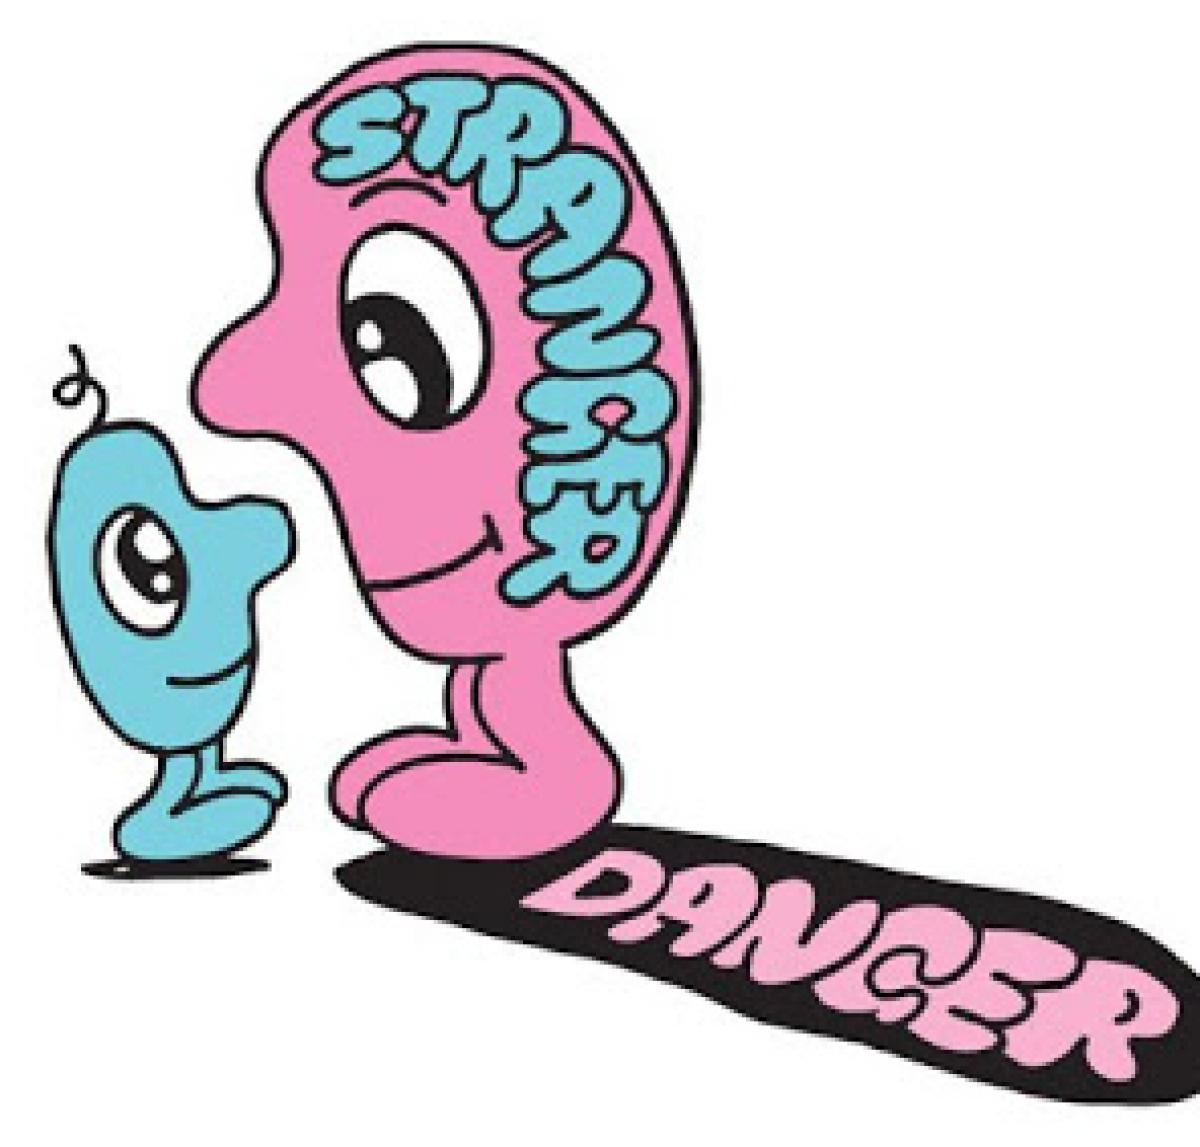 «Μη μιλάς σε αγνώστους!» (Συμβουλές για να τους εξηγήσετε)